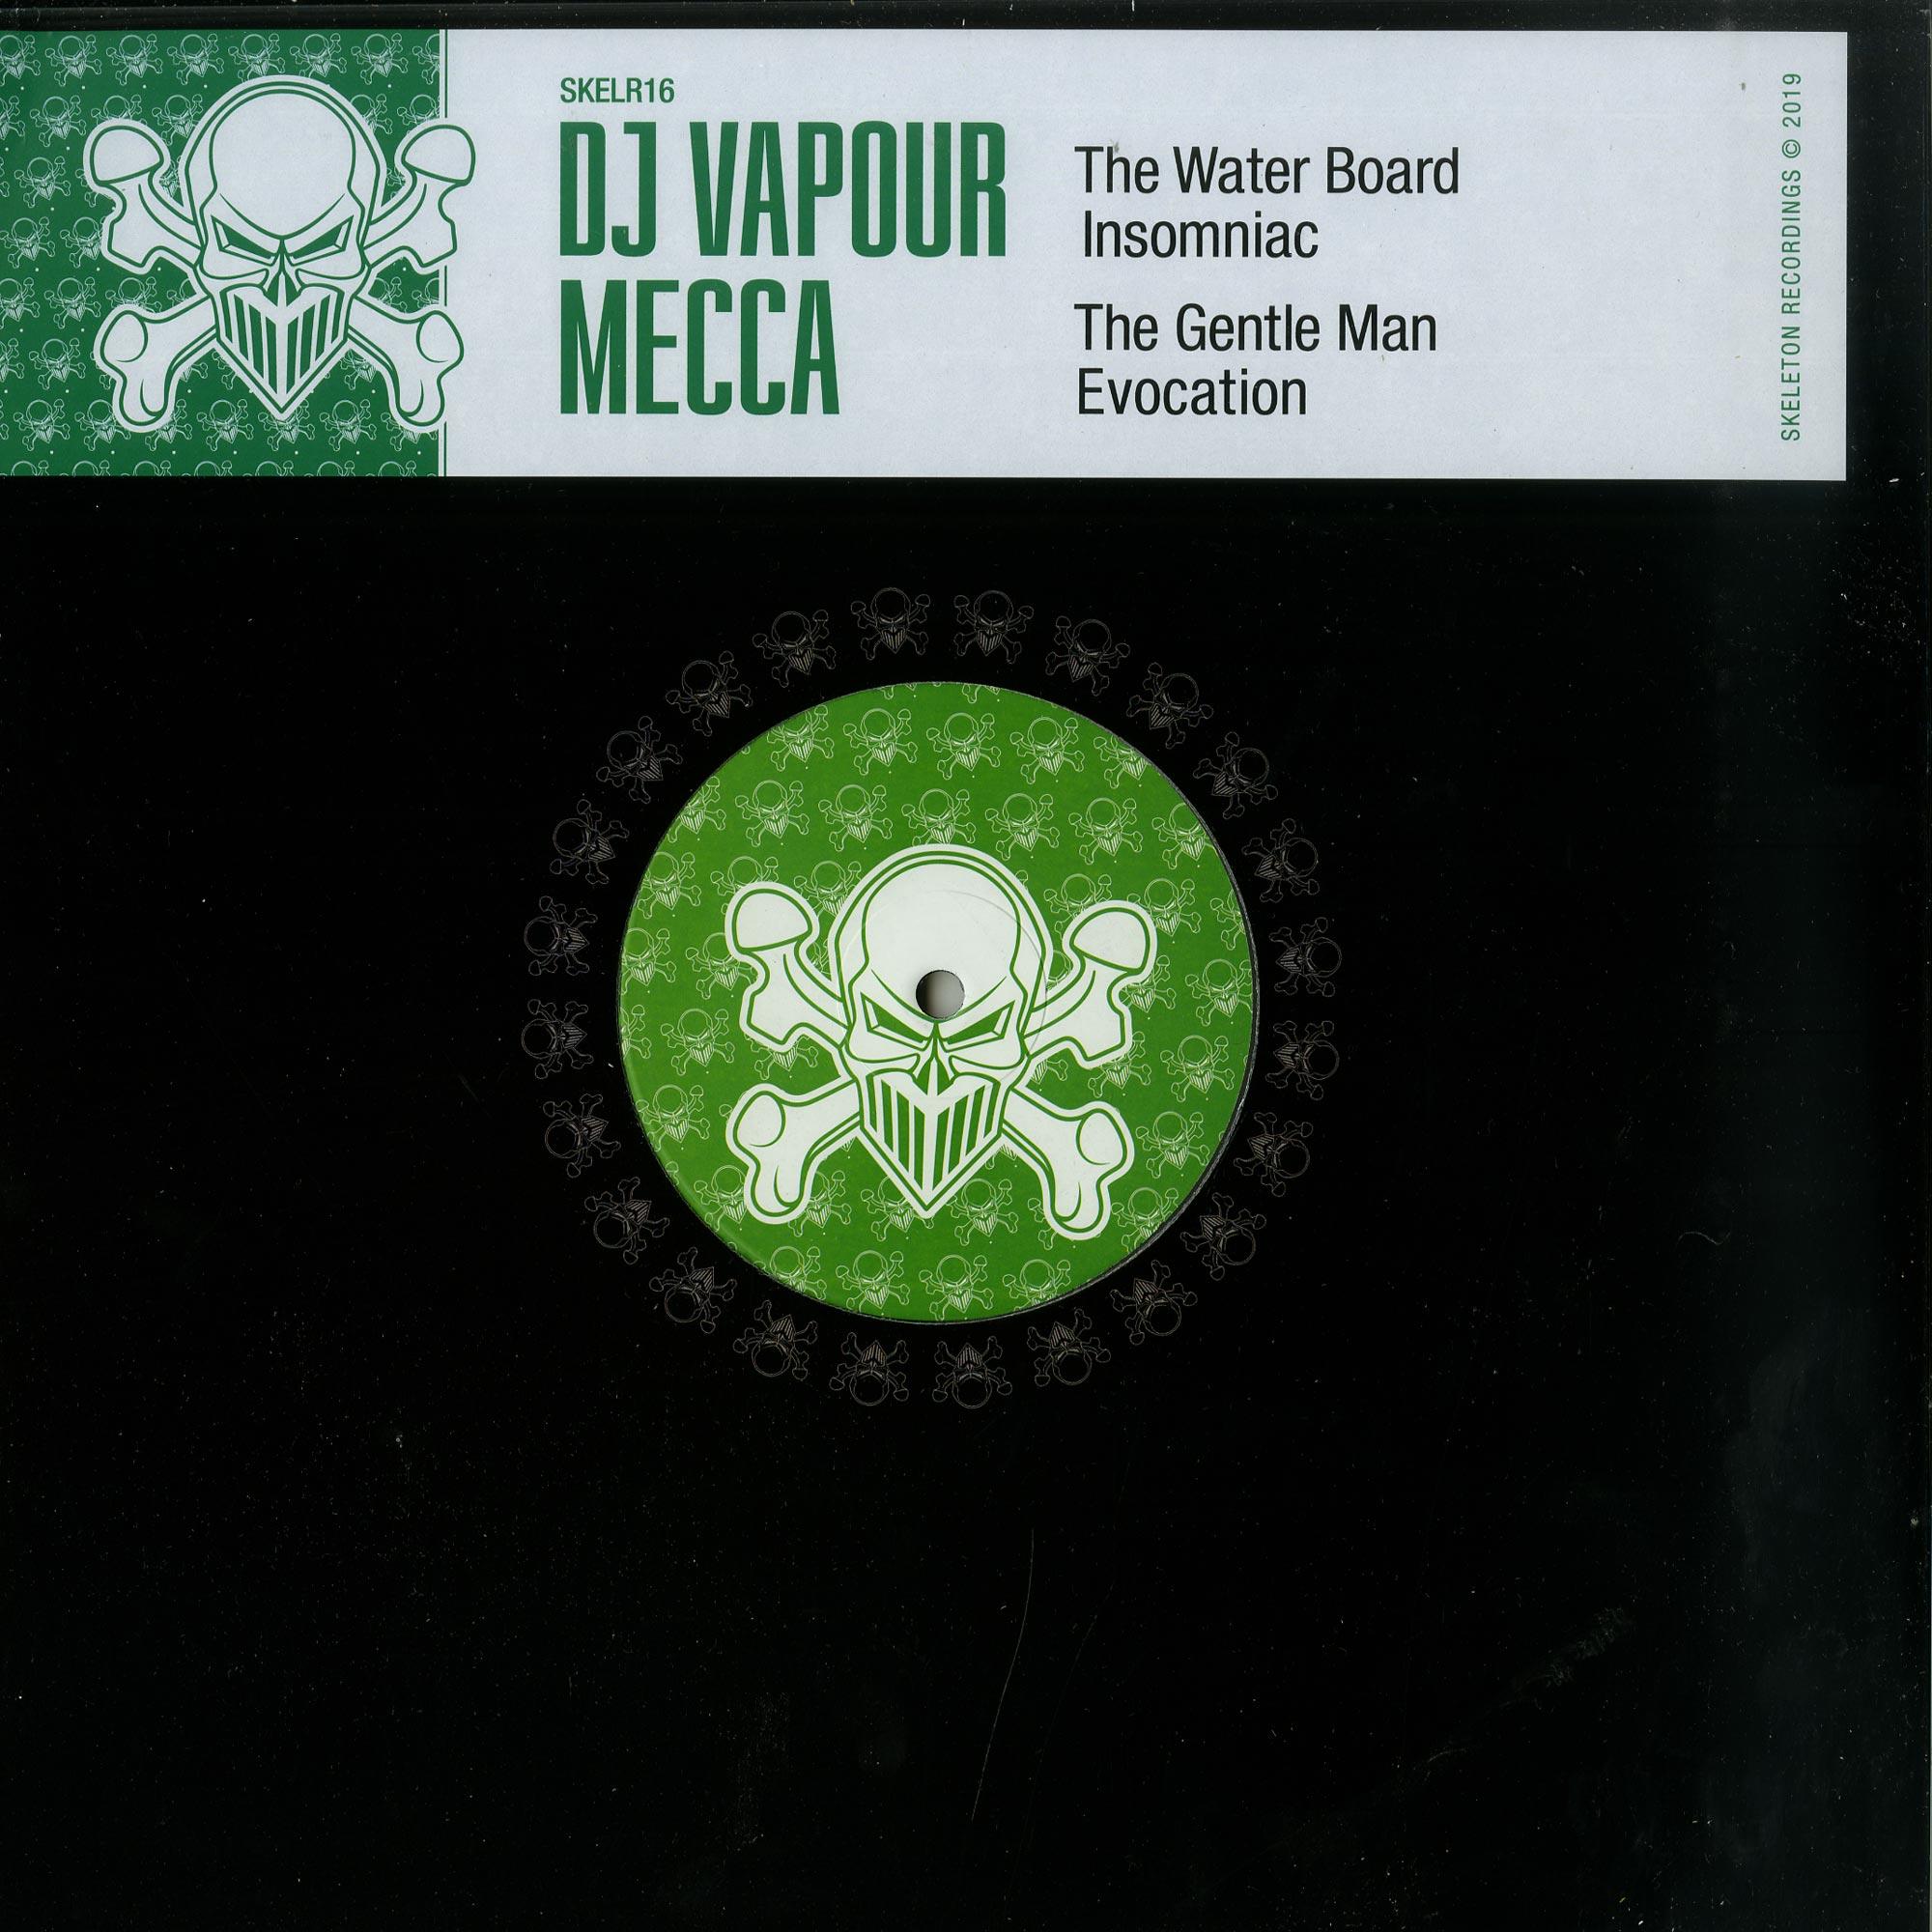 DJ Vapour x Mecca - DJ VAPOUR X MECCA EP